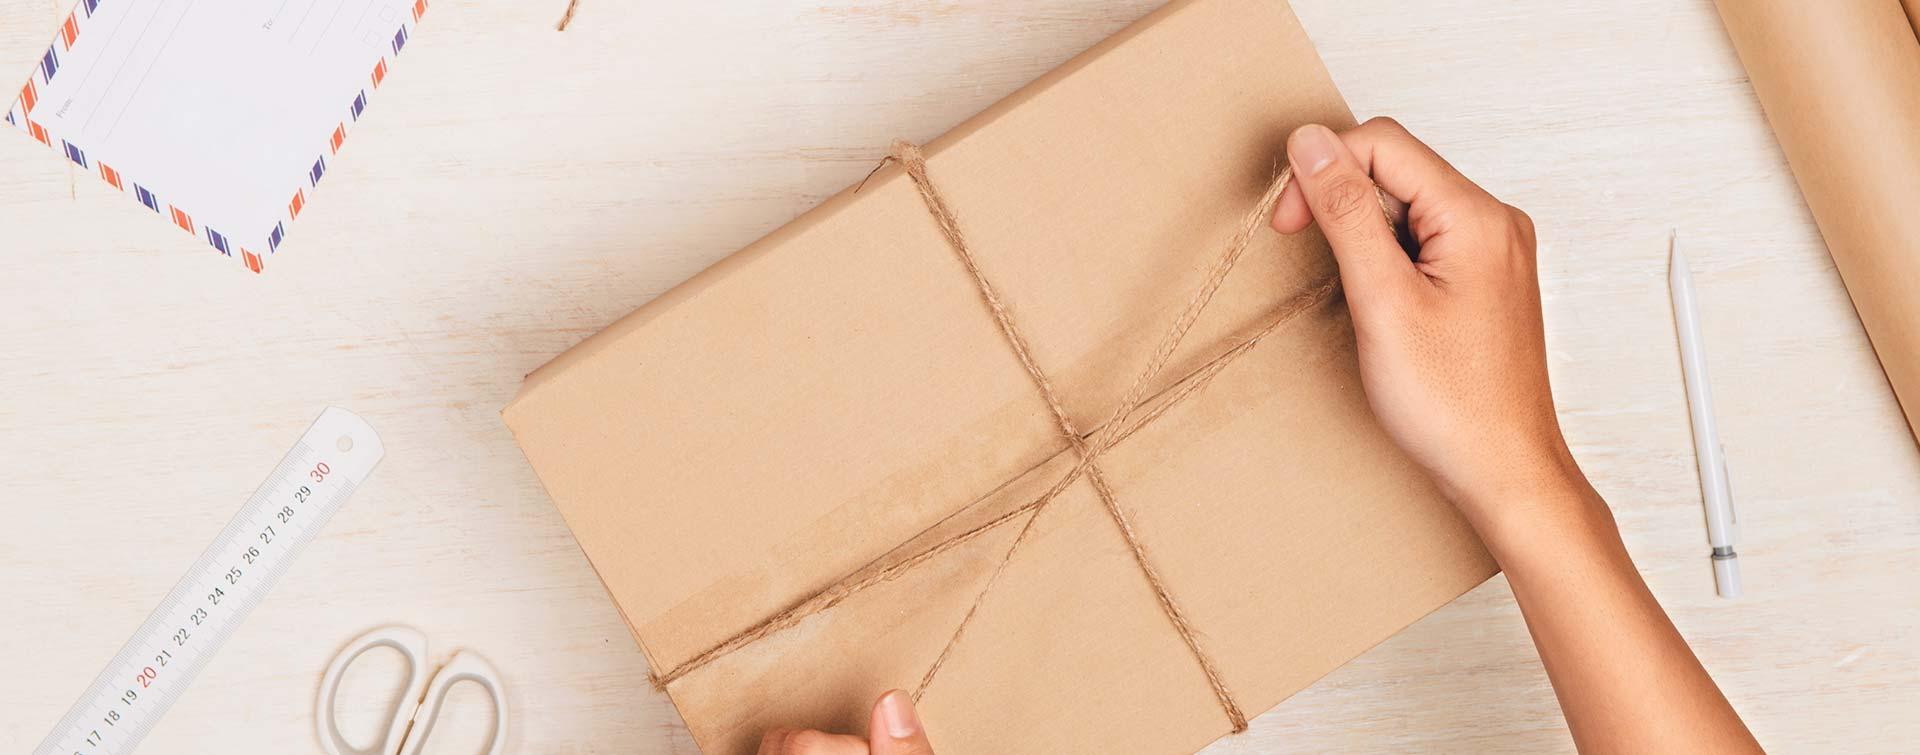 Jak dobrze zapakować przesyłkę do wysyłki kurierem?